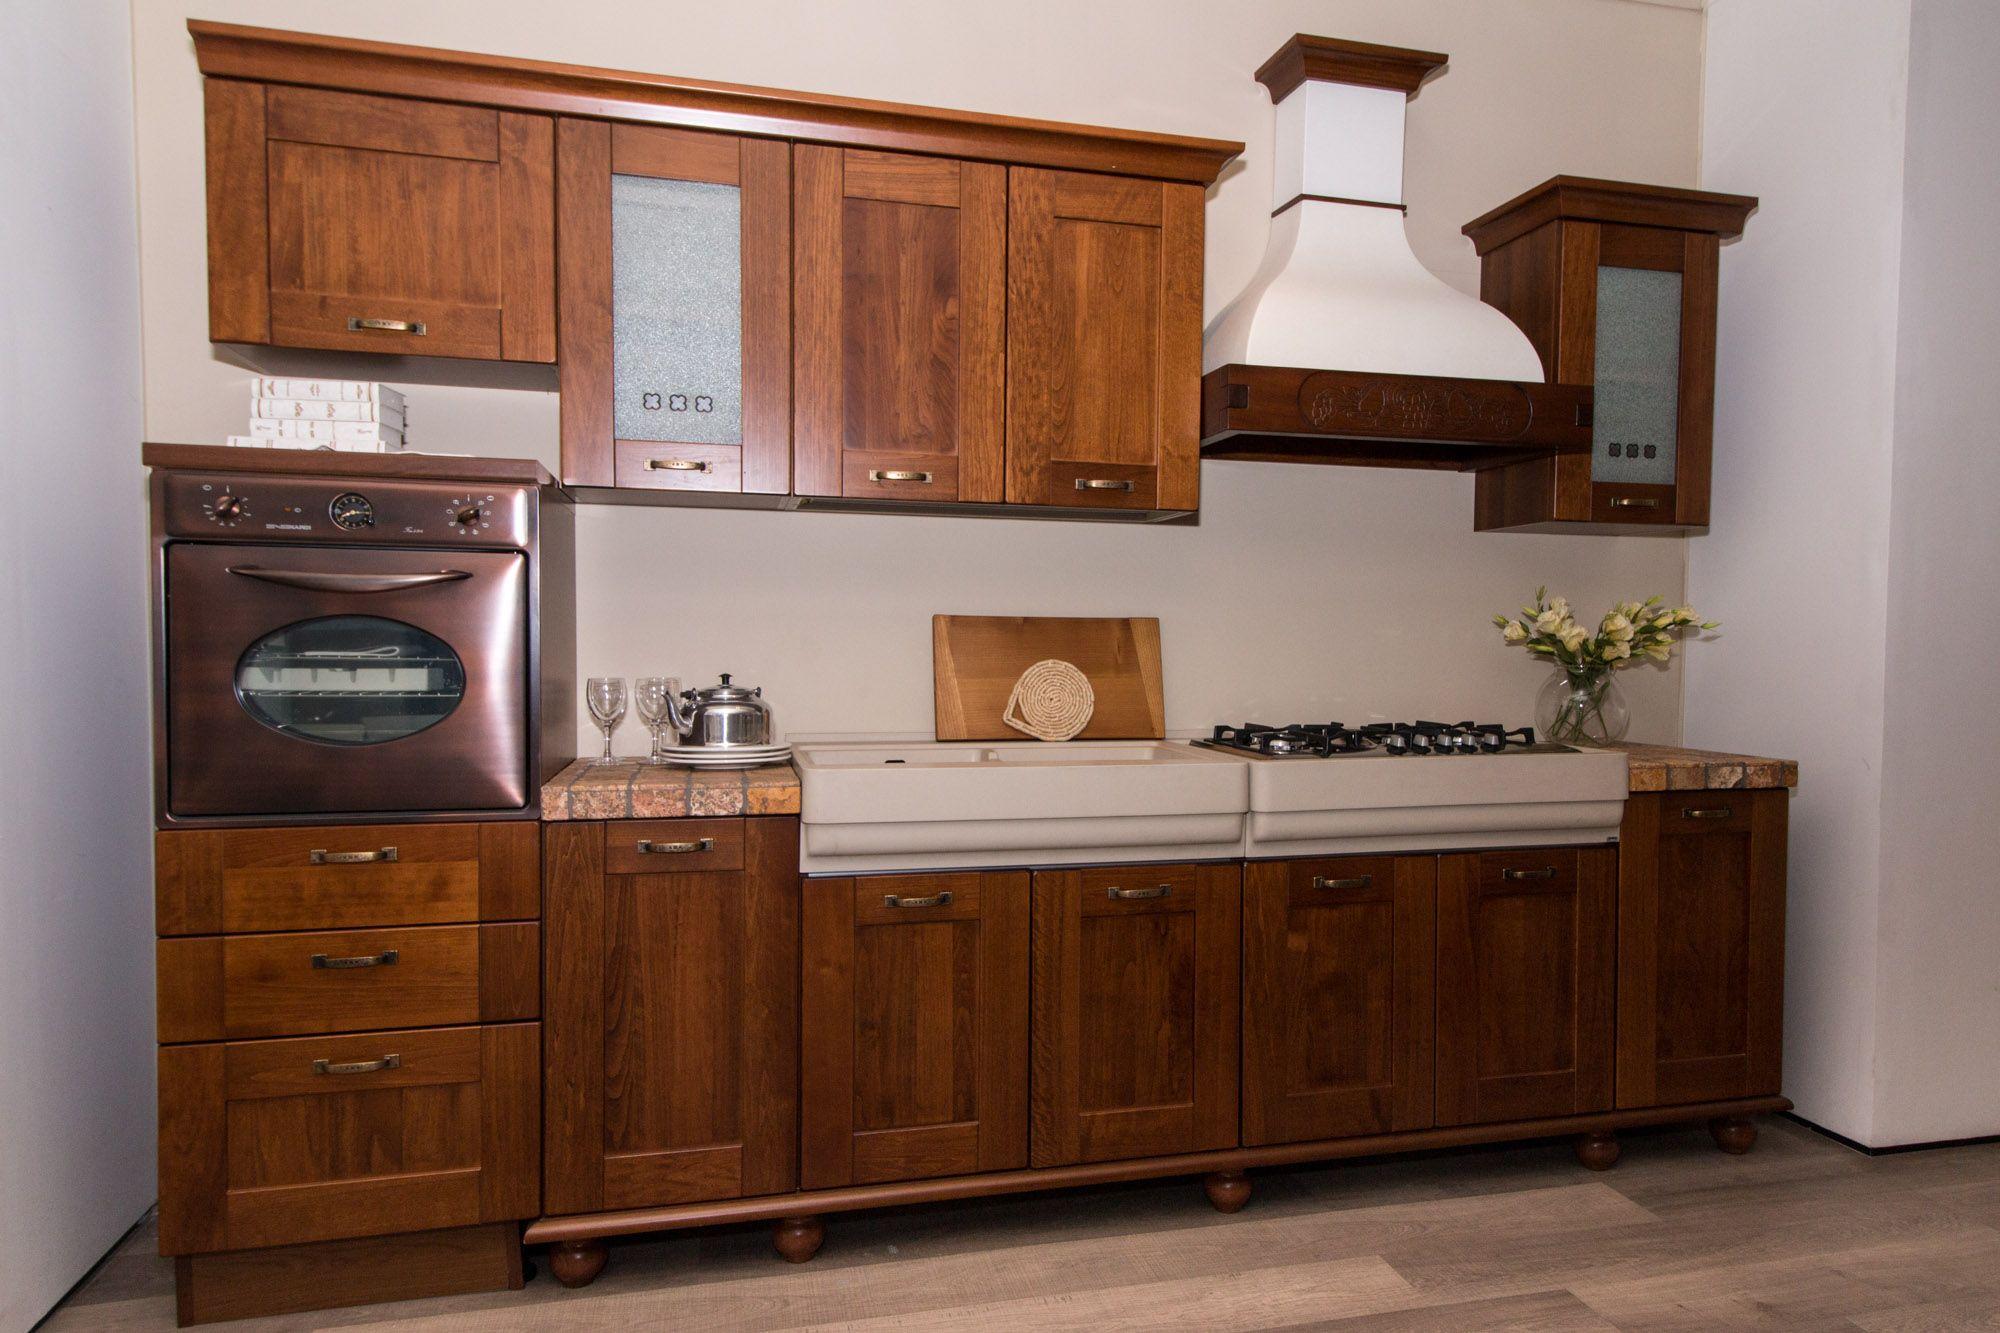 Erica - Cucina Lube Classica in esposizione presso il nostro ...